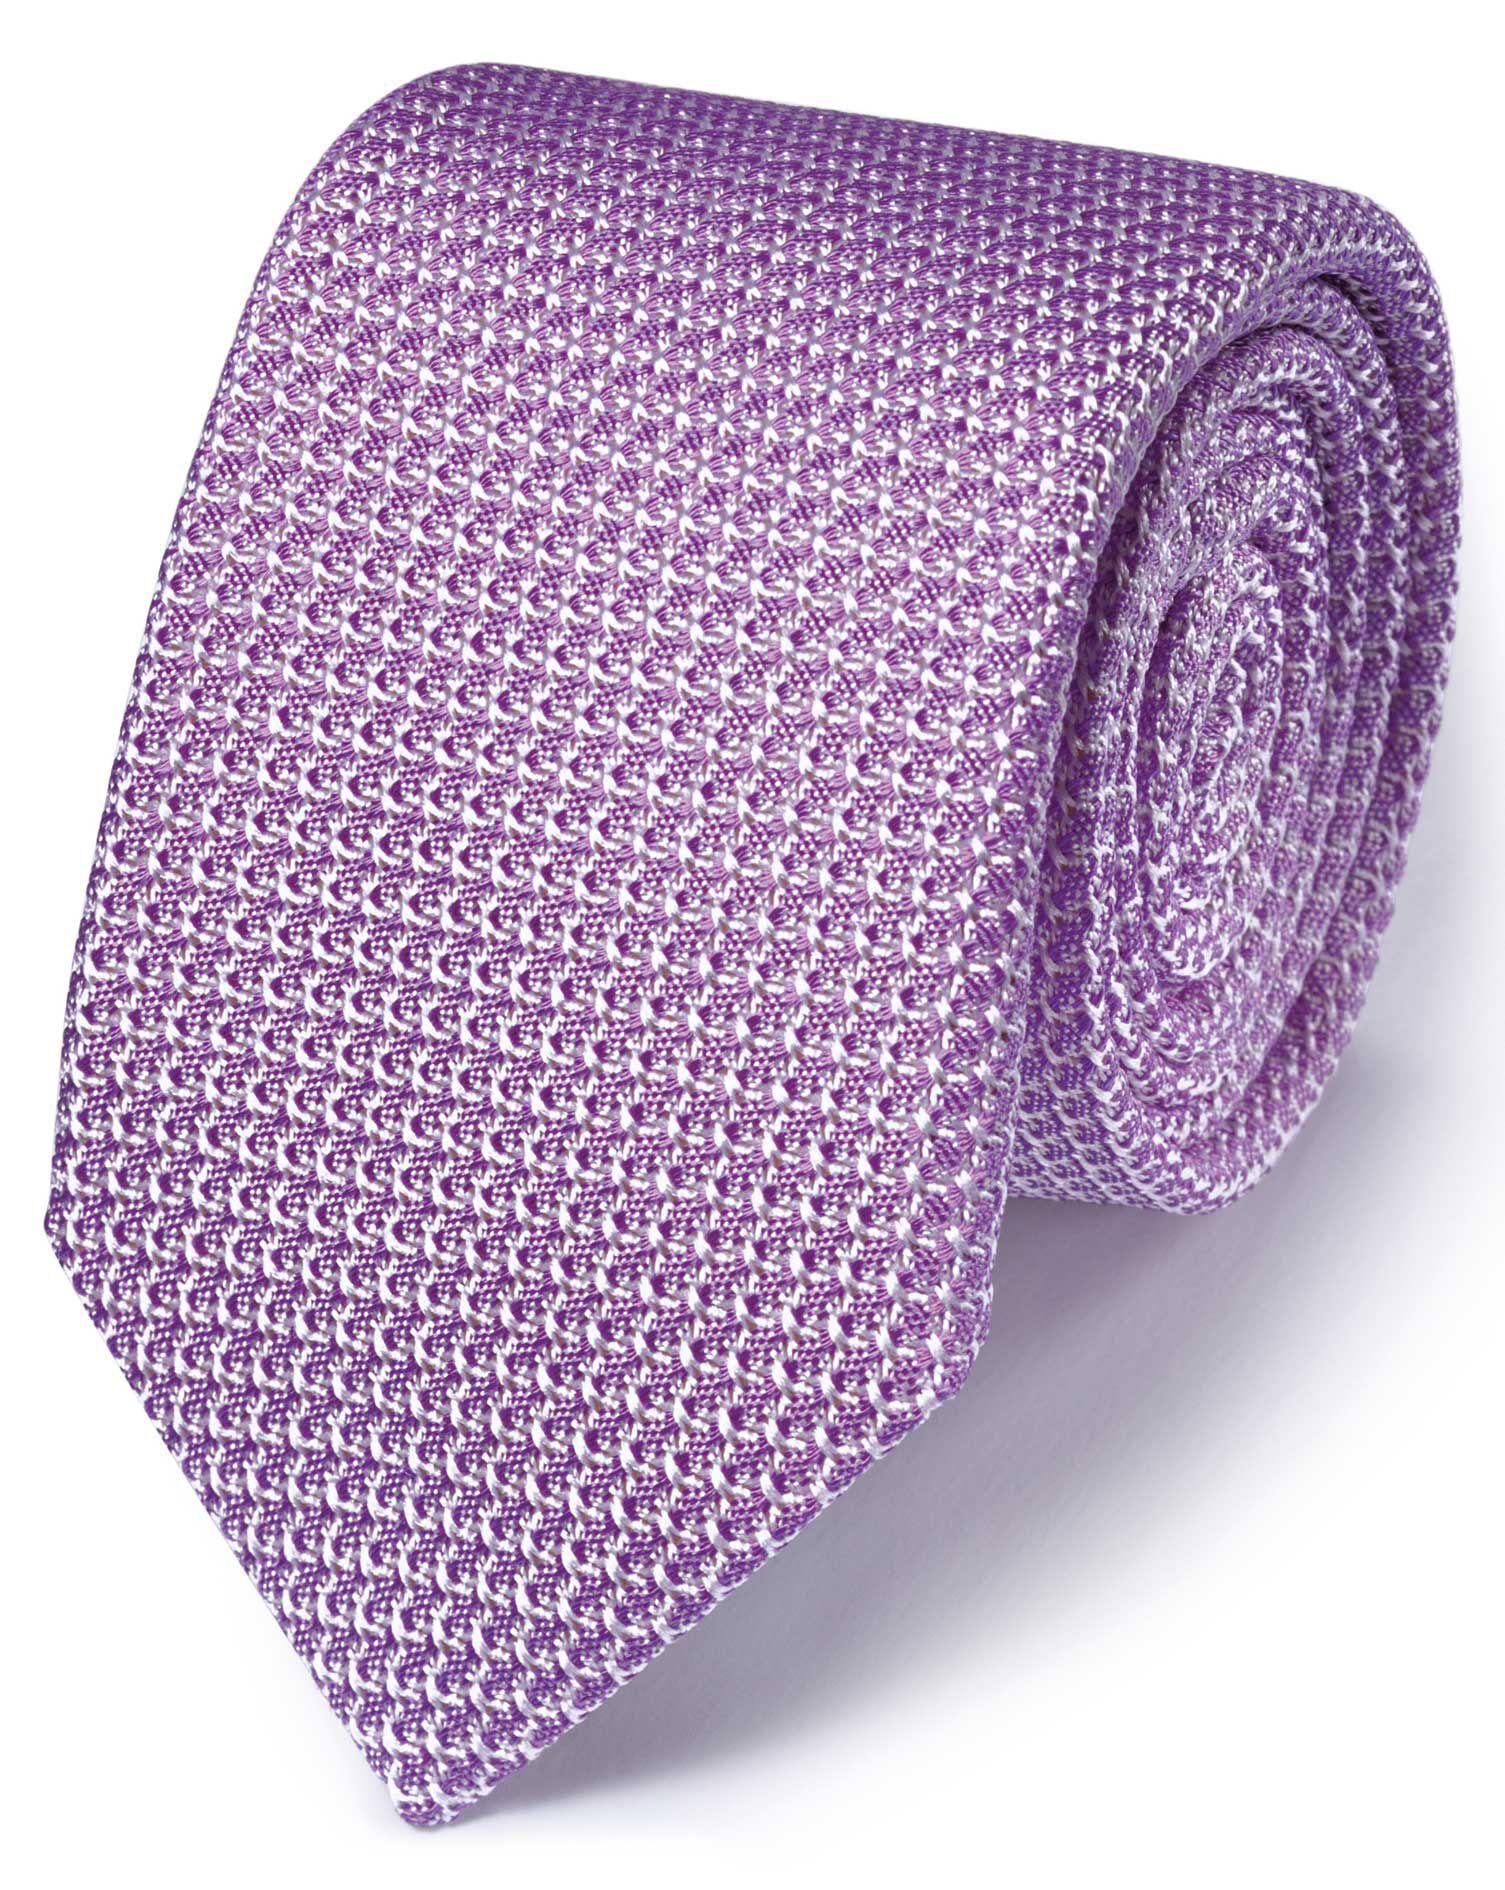 Lilac Silk Italian Luxury Plain Grenadine Tie Size OSFA by Charles Tyrwhitt